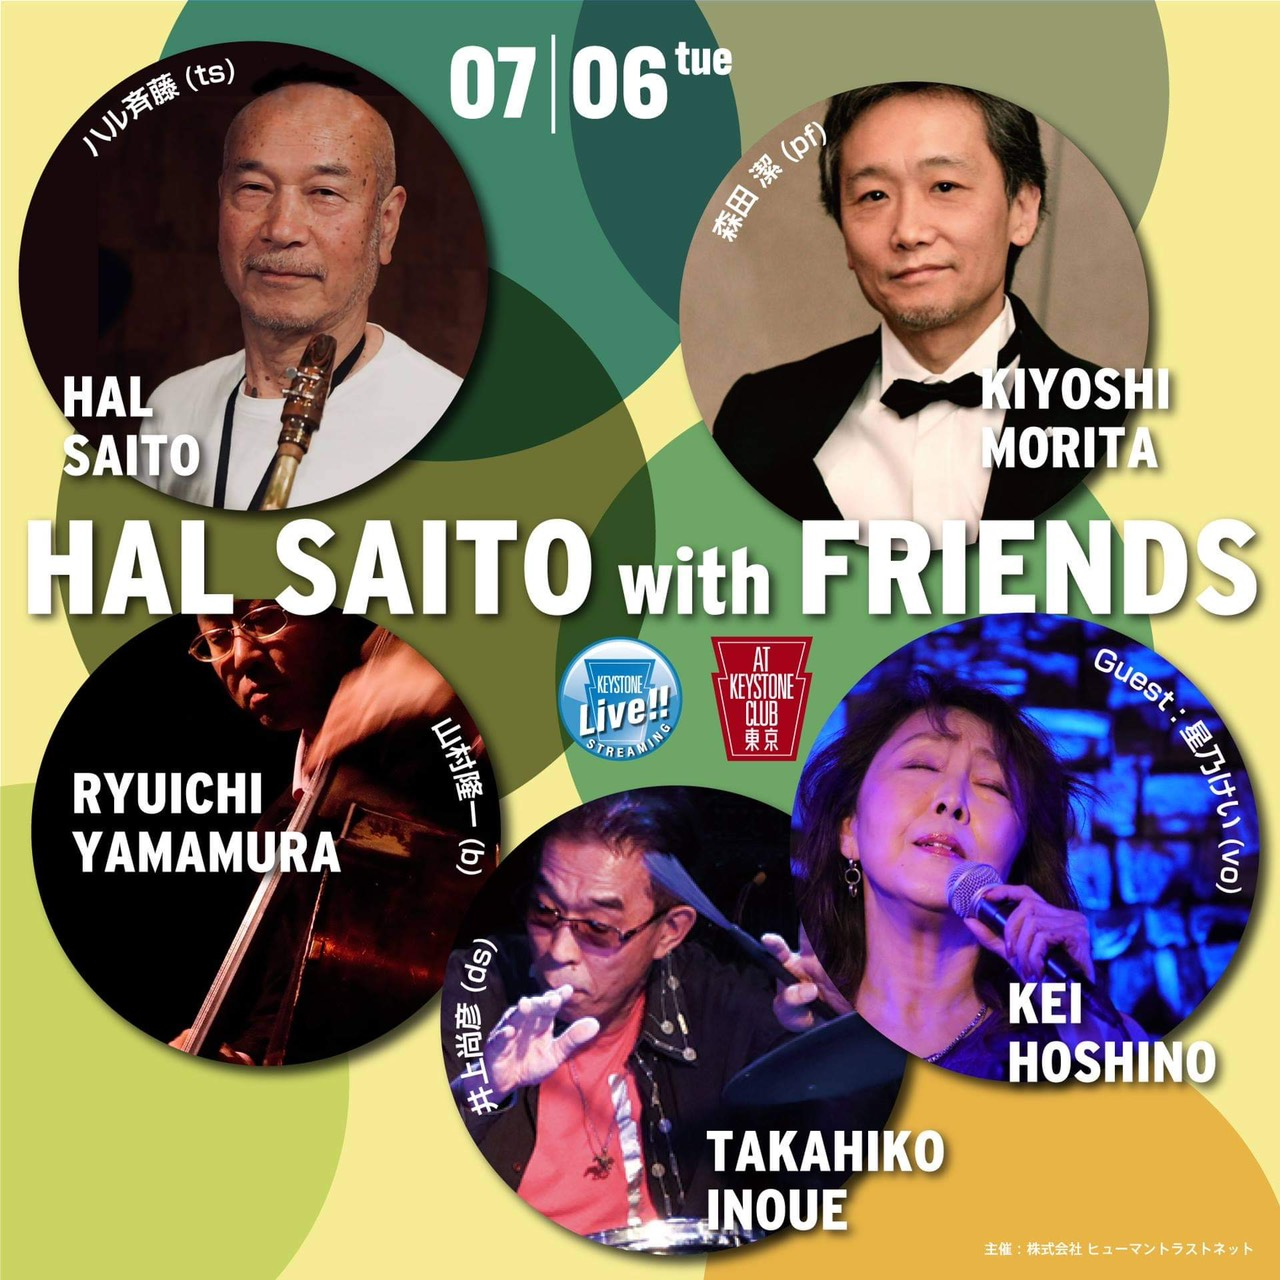 ハル斎藤 with Friends